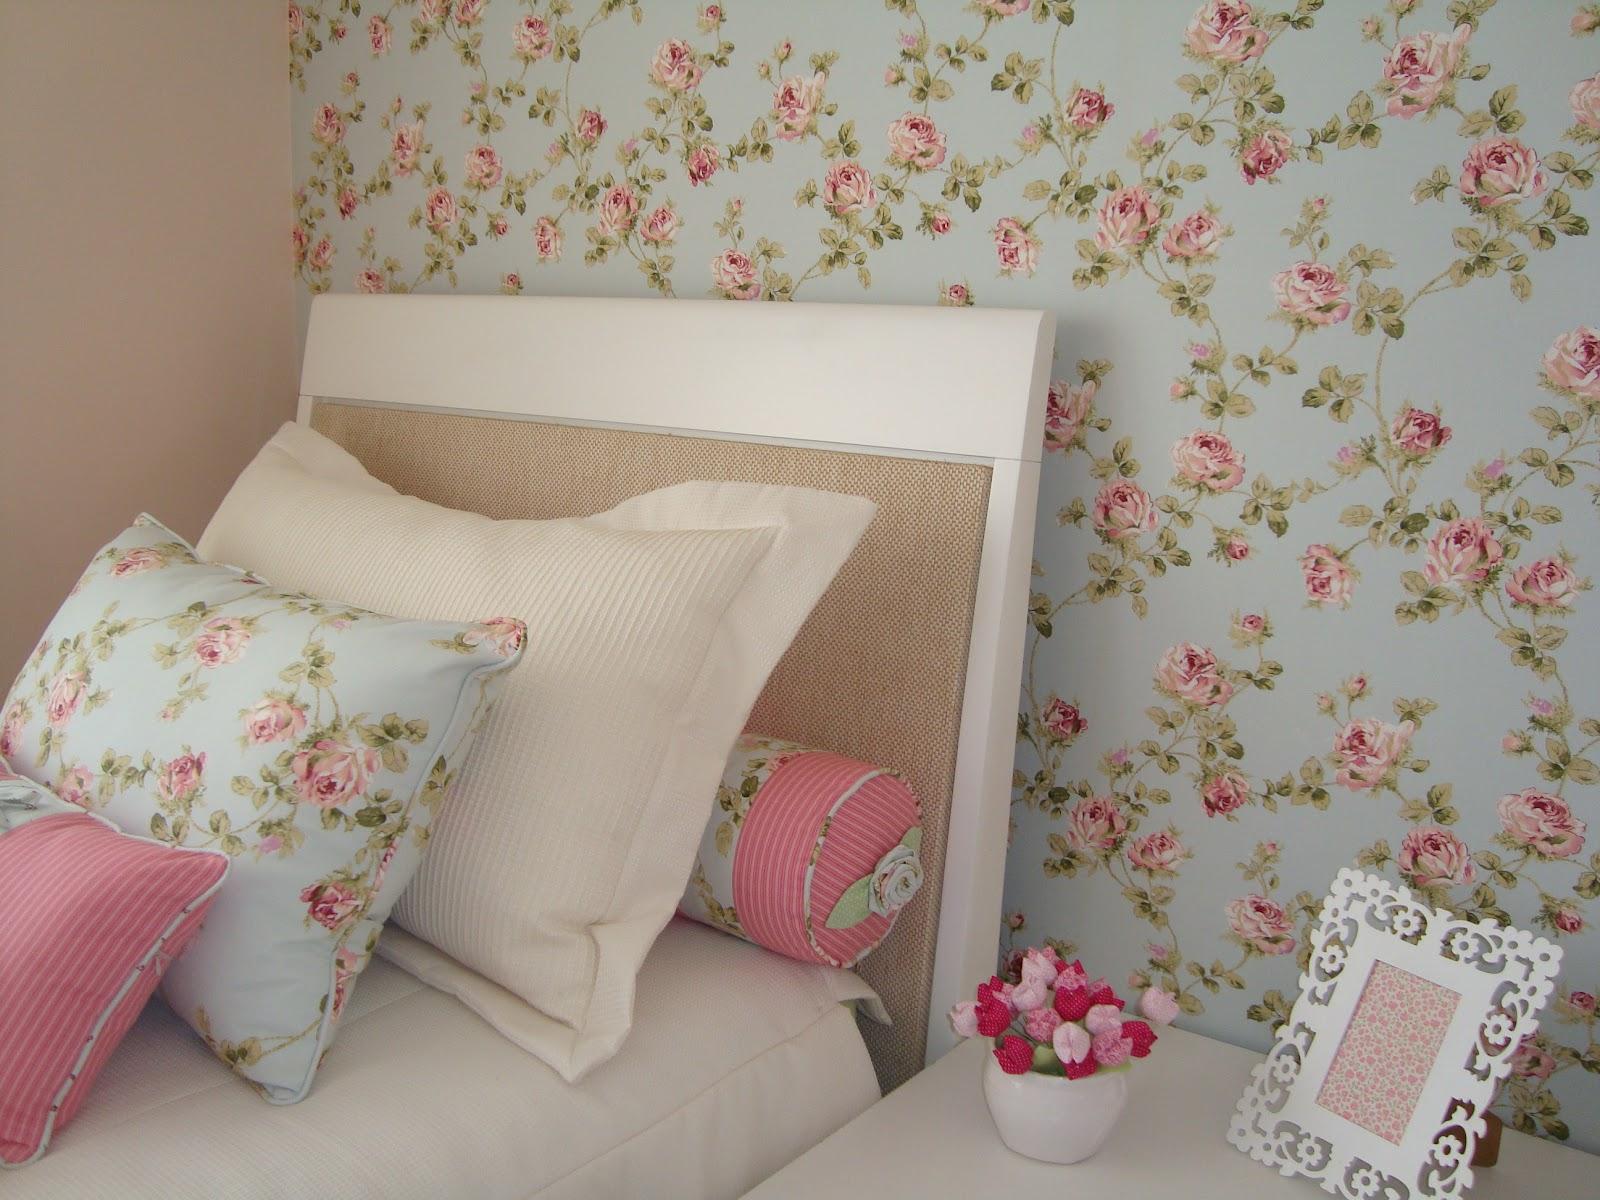 Meninas do Pano Tecido aplicado na parede  Romântico e charmoso -> Decoracao De Banheiro Com Tecido Na Parede